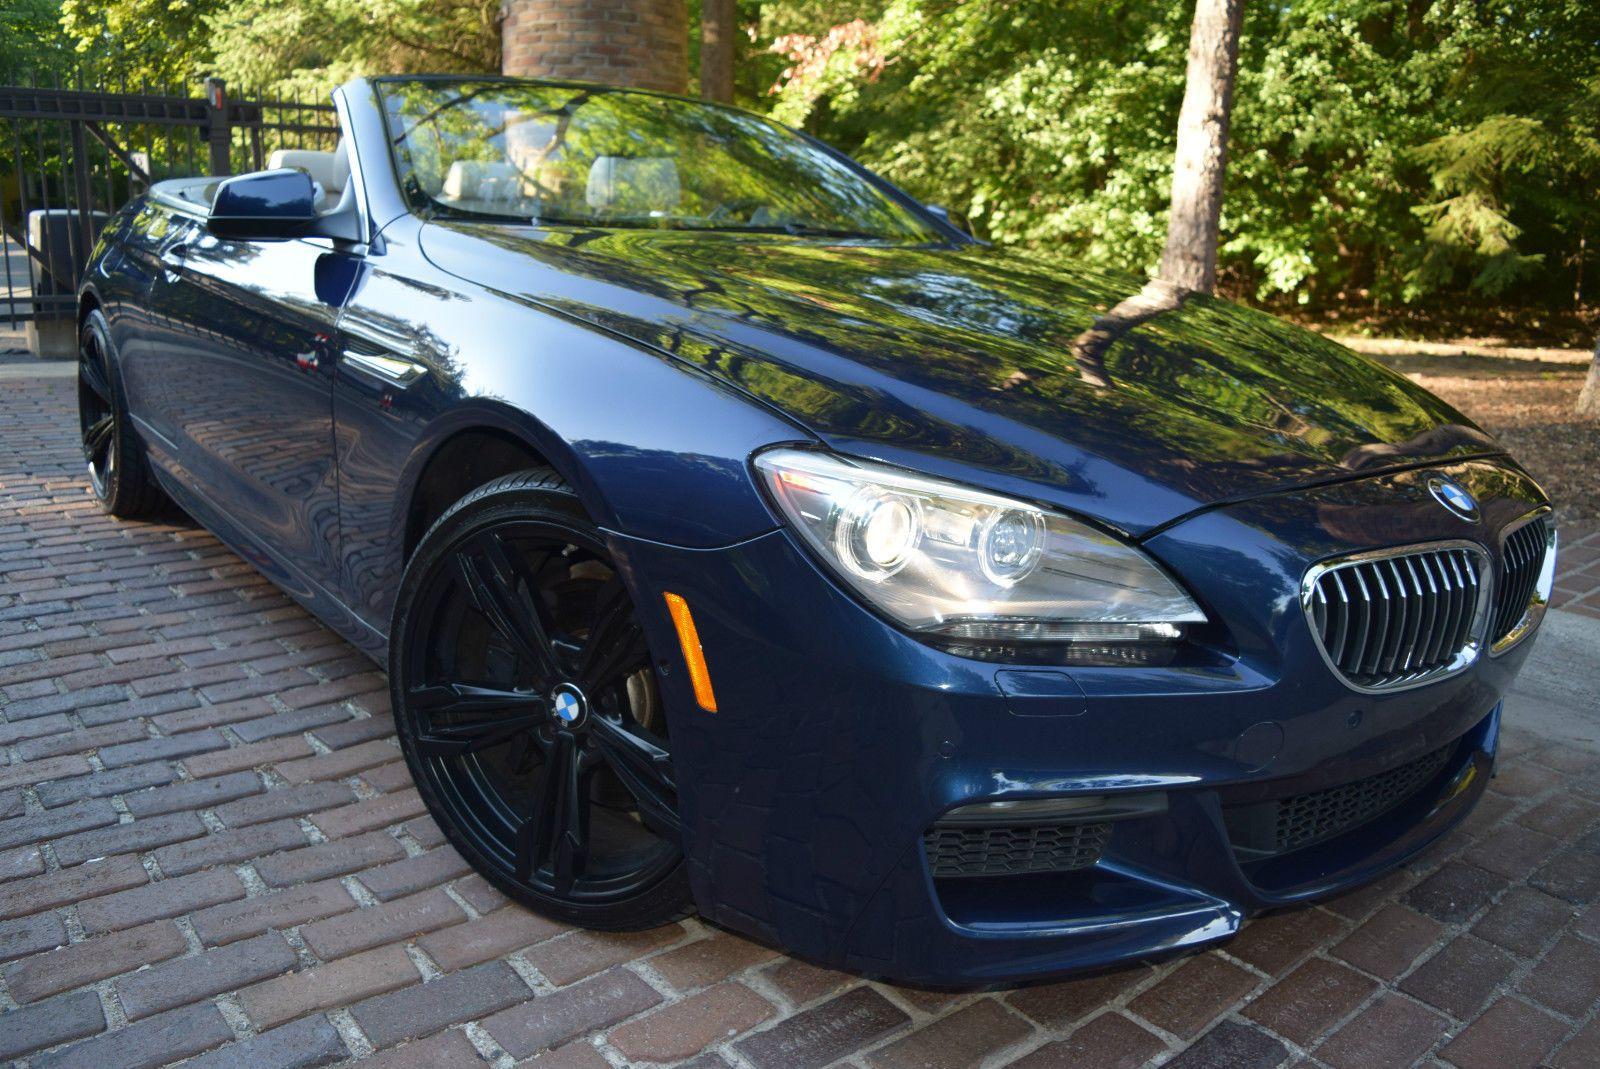 BMW Series AWD PREMIUMEDITION Bmw I Xdrive - 650 bmw 2012